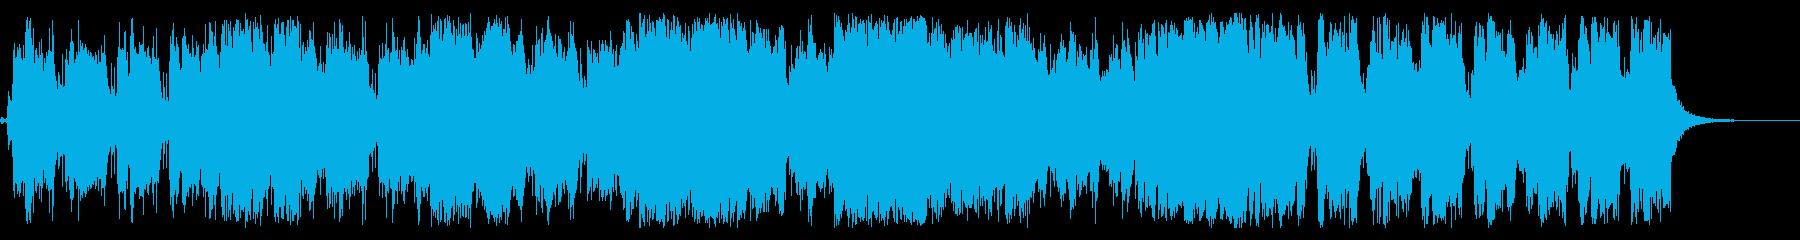 オルタナ的なリフとシンセメロのバンド曲の再生済みの波形